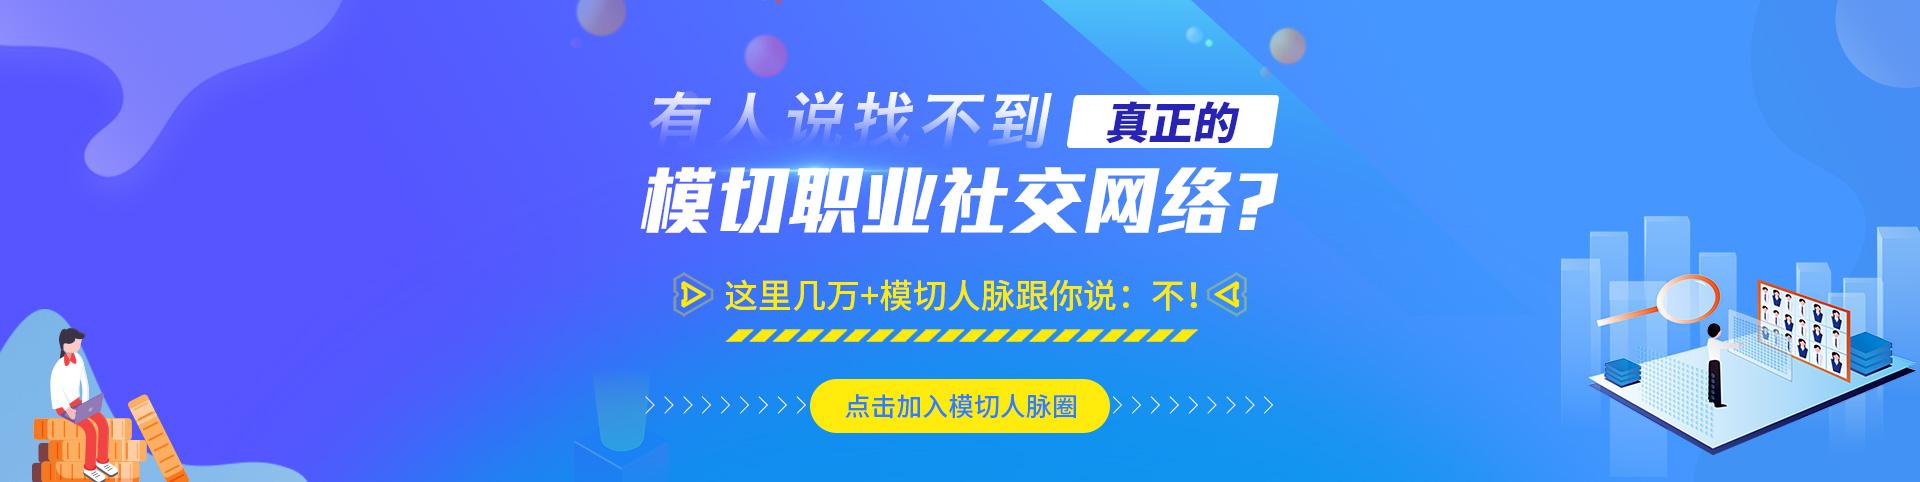 龙8国际客户端商务社交